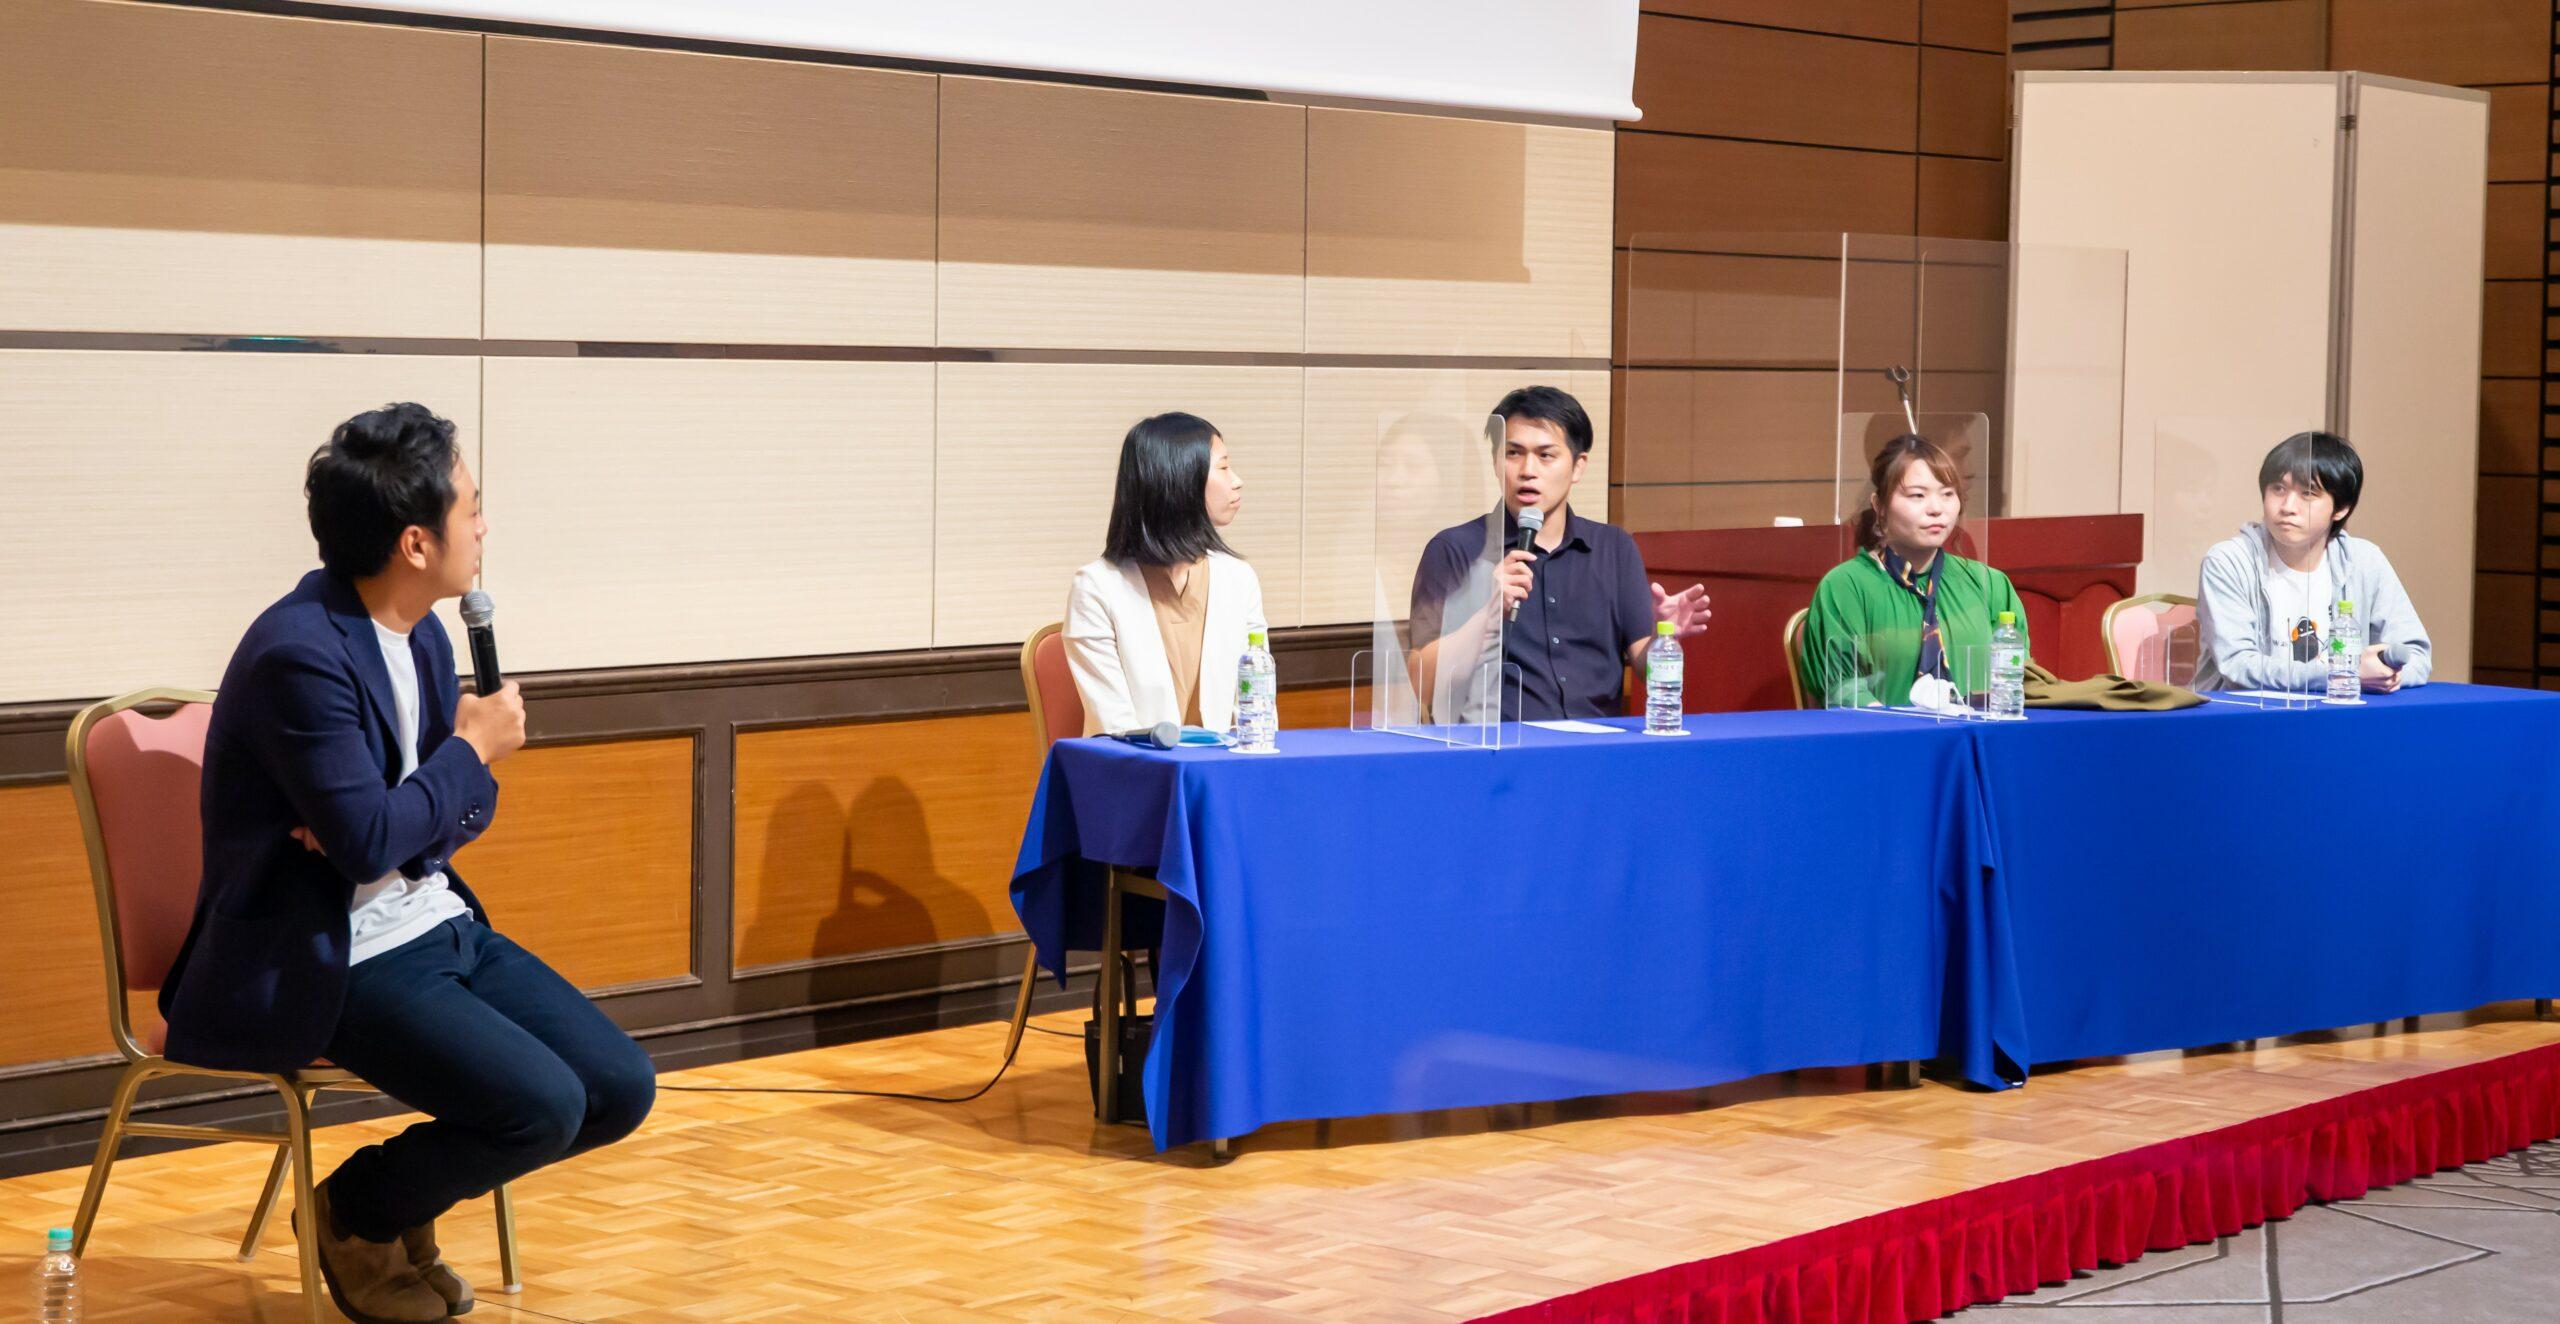 【開催レポート】播磨地区初、シェアリングエコノミー講演会「地域のビジネスを加速させるシェアリングエコノミー活用法」